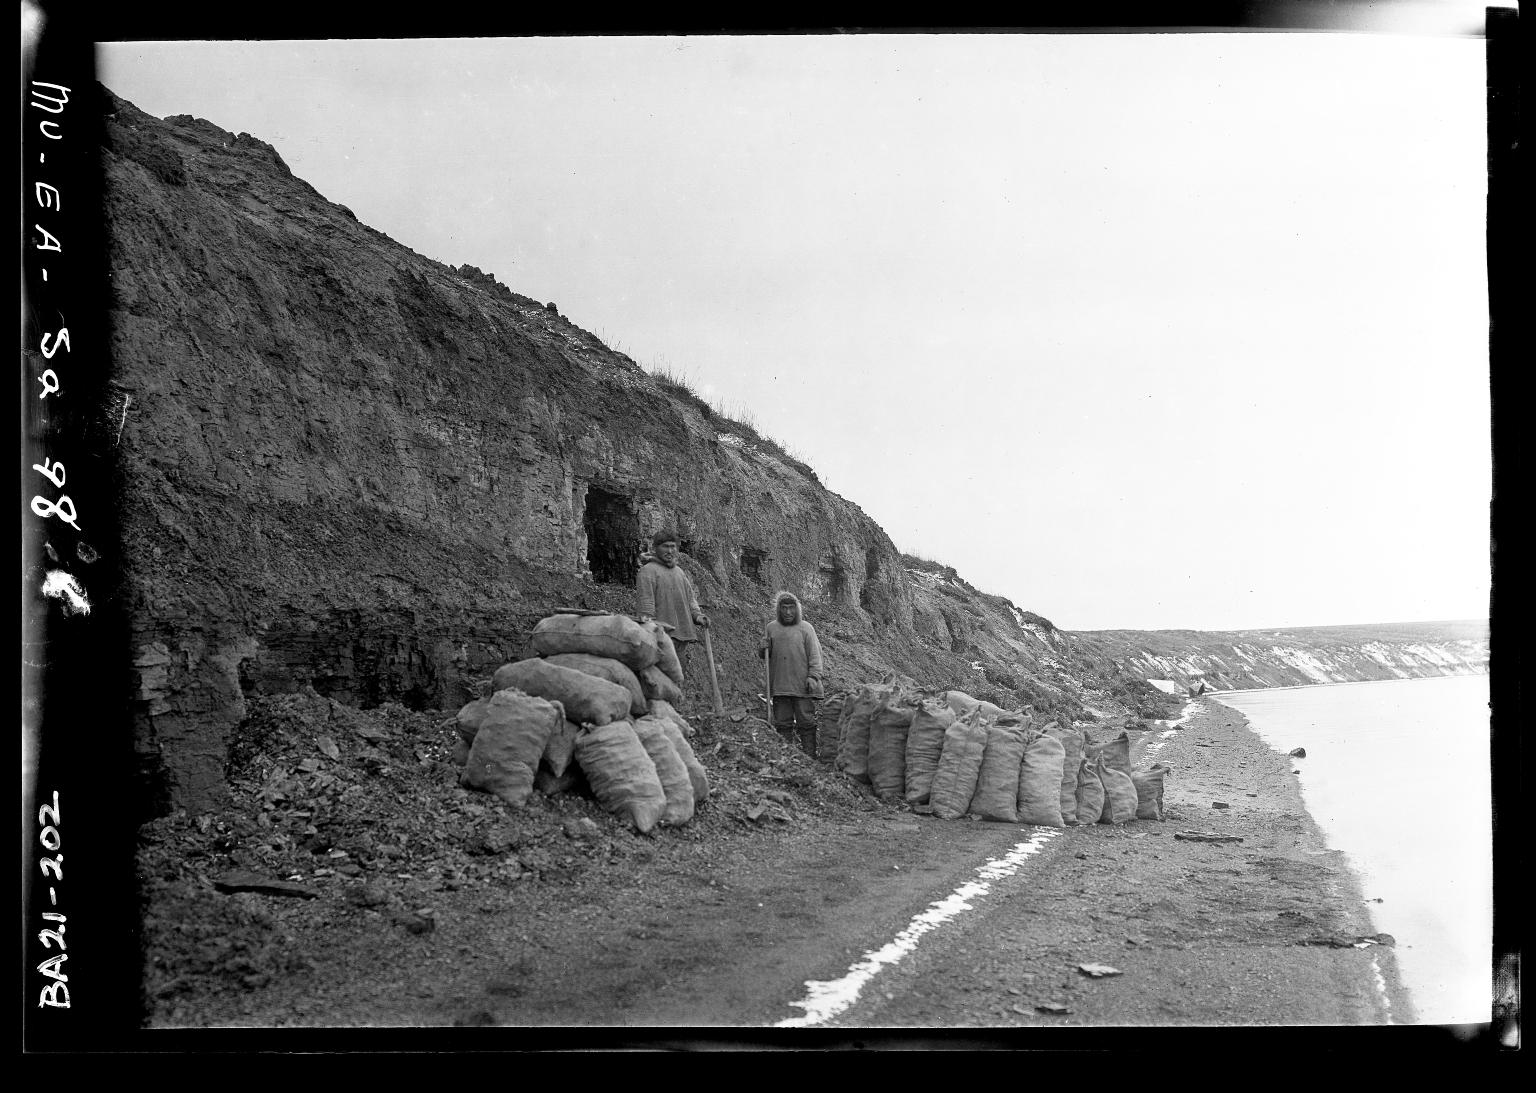 Eskimo men standing near the northern most coal mine in North America